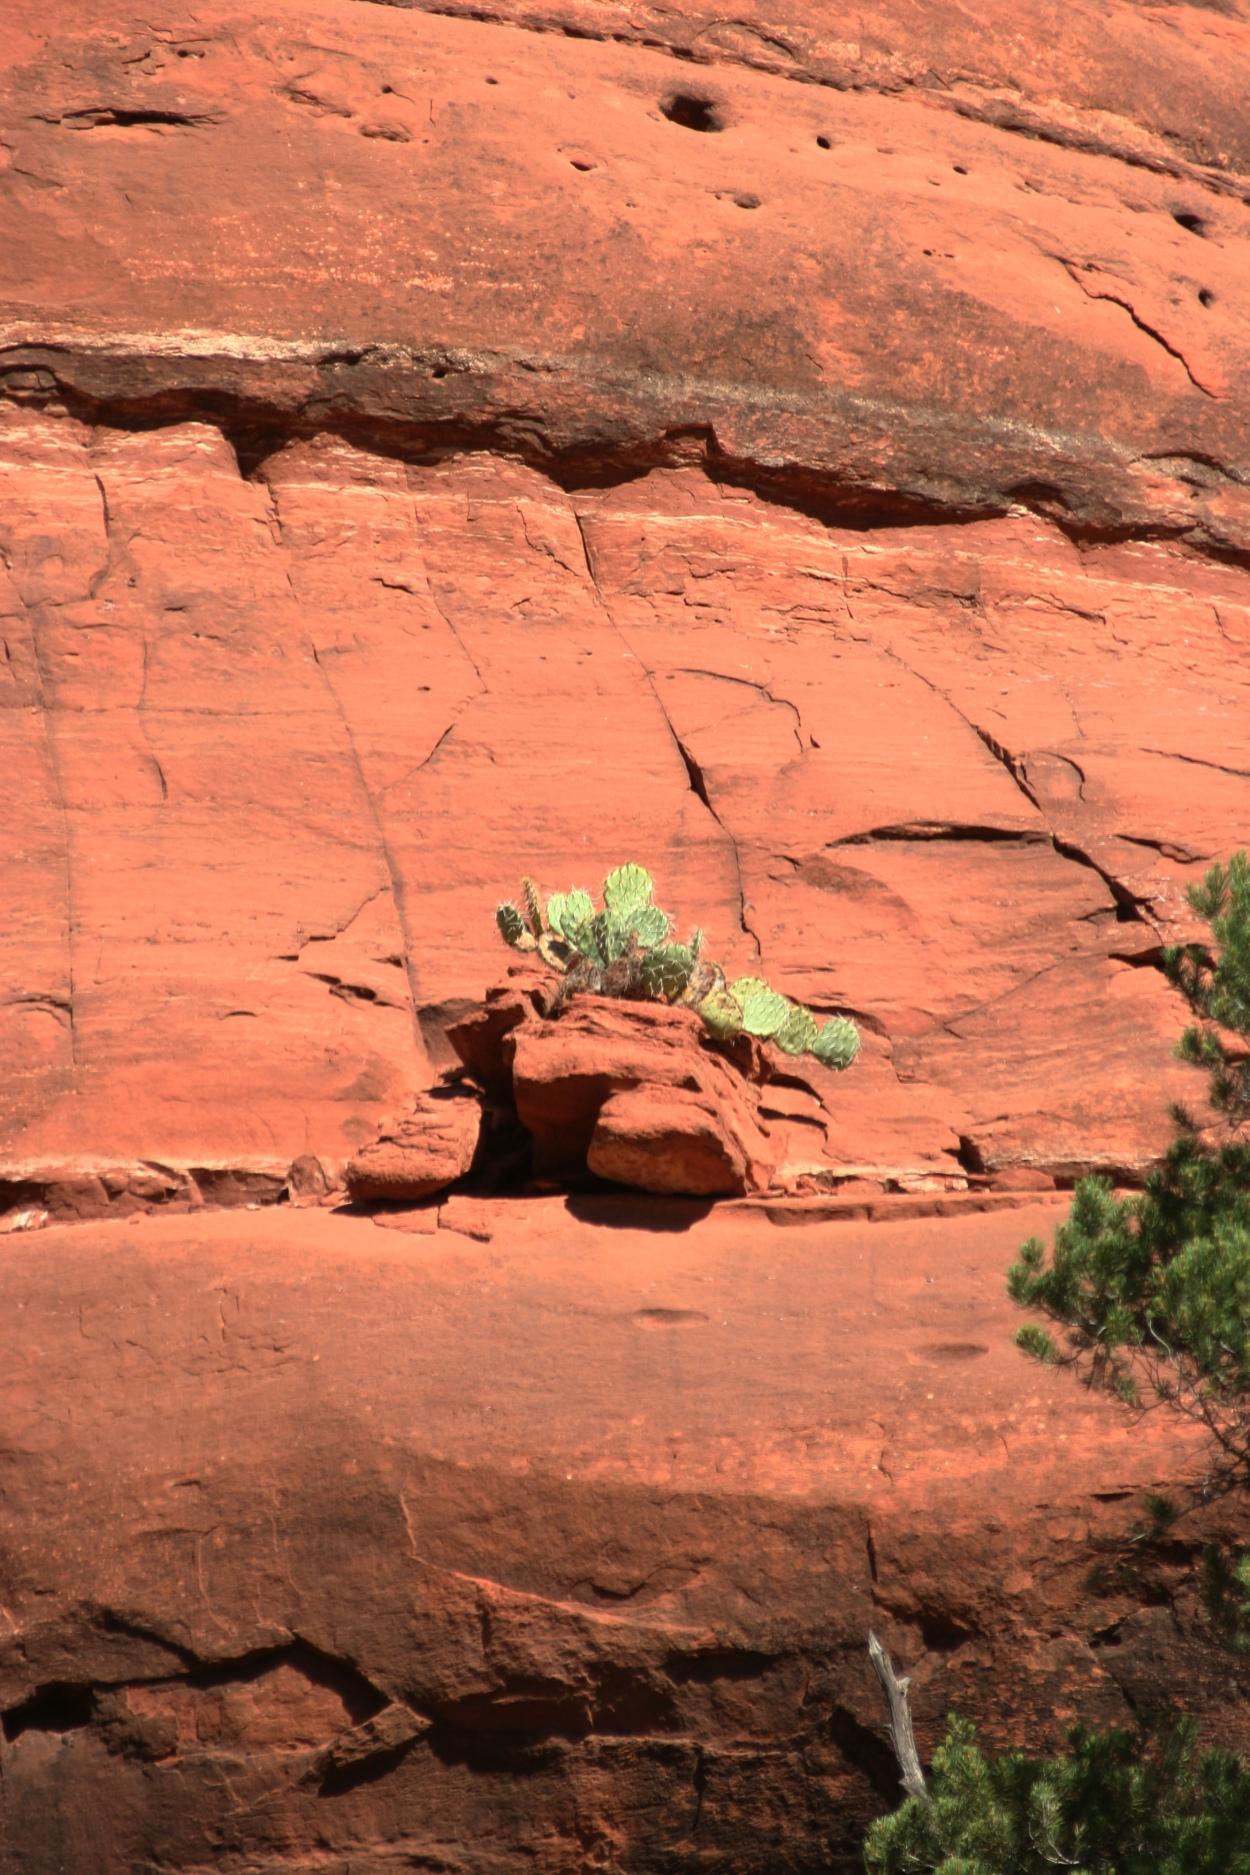 cactus, red rock cliff